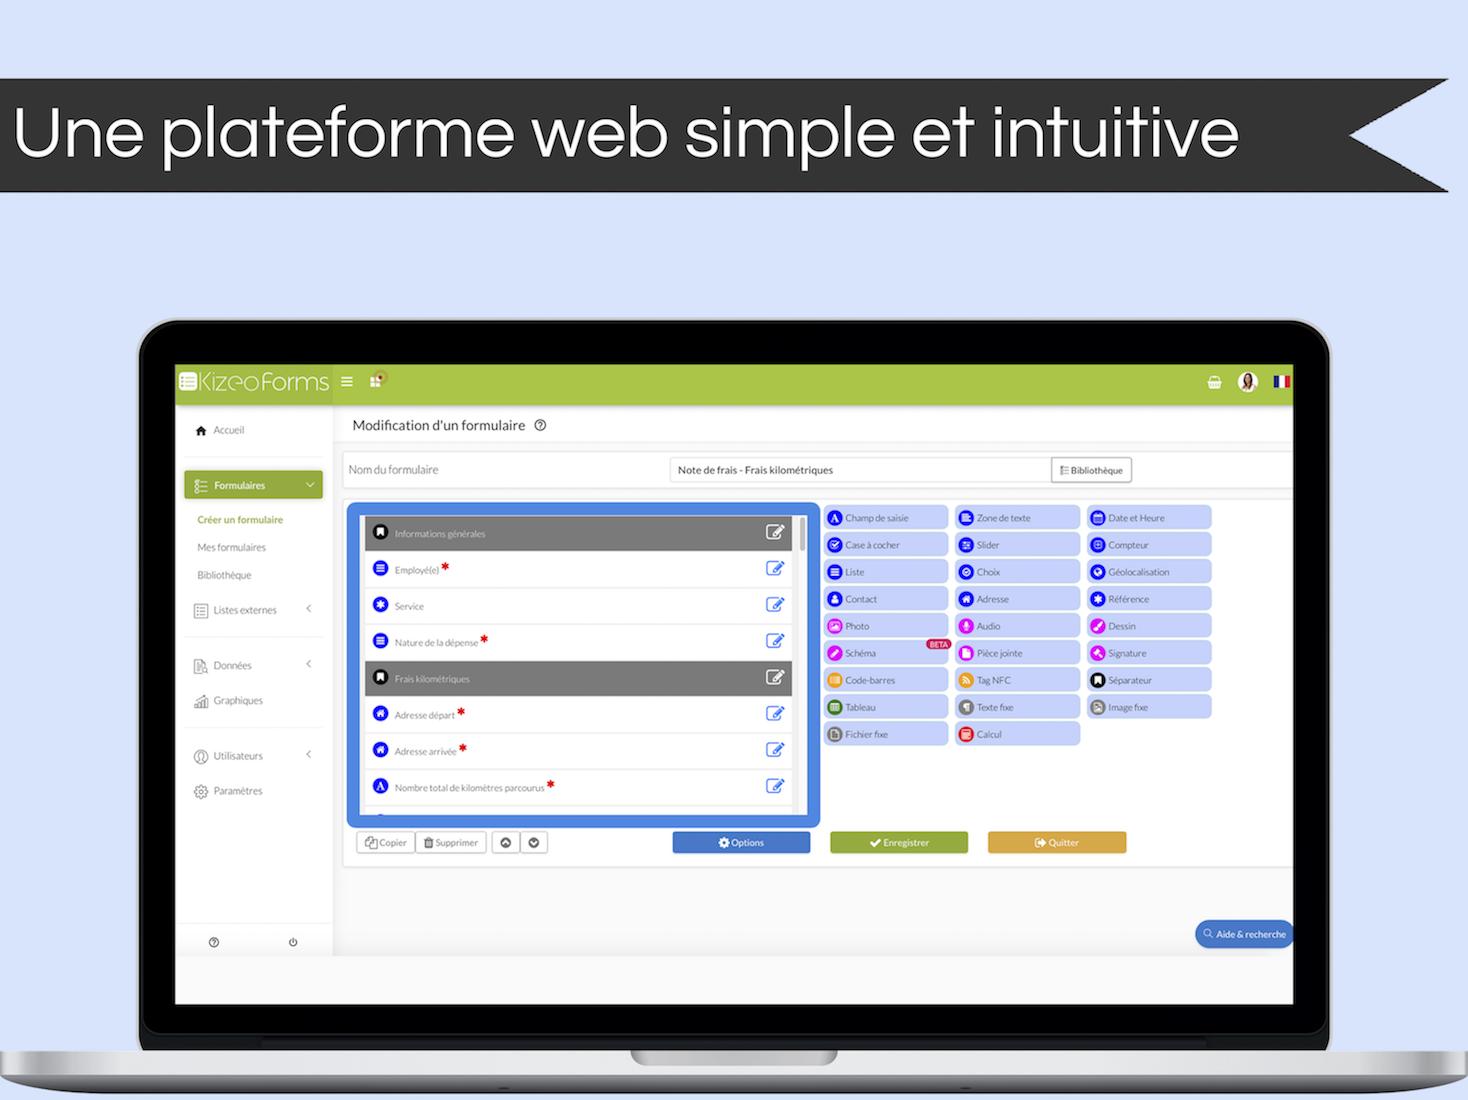 Depuis notre plateforme web, simple et intuitive, vous pouvez créer vos suivis de chantiers, bons de livraison ou encore vos mains courantes, entièrement personnalisés en quelques clics.